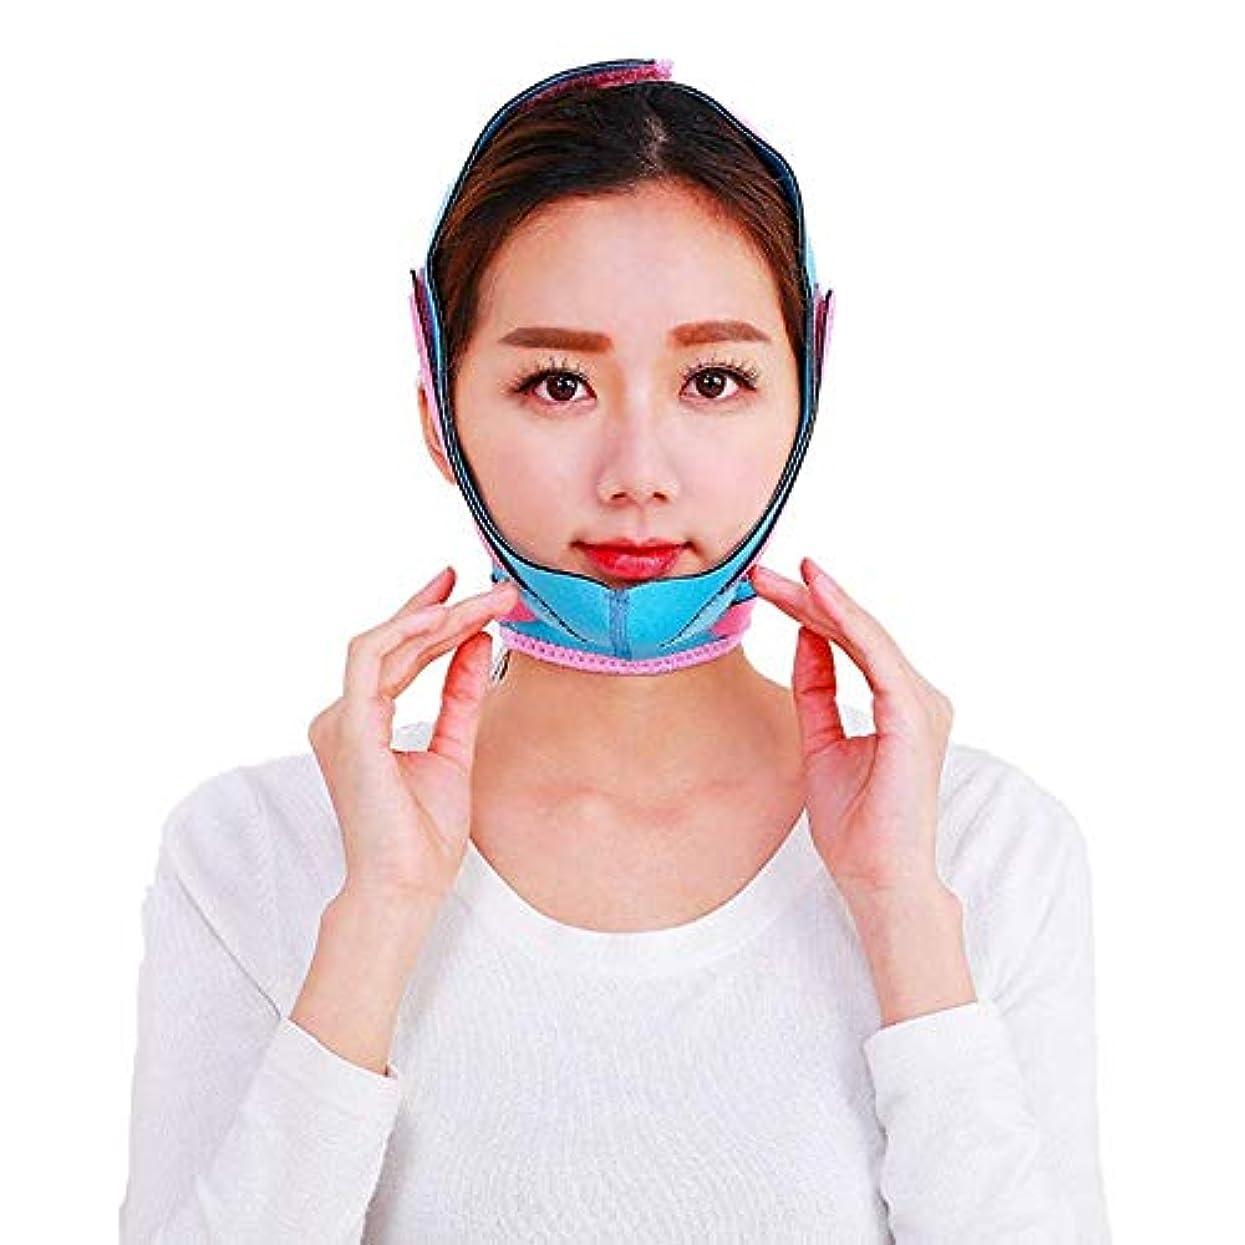 メディア貢献ディベート薄い面ベルト薄い面ベルト 面の包帯の前部持ち上がるマスクVの面薄い面の小さい持ち上がる道具